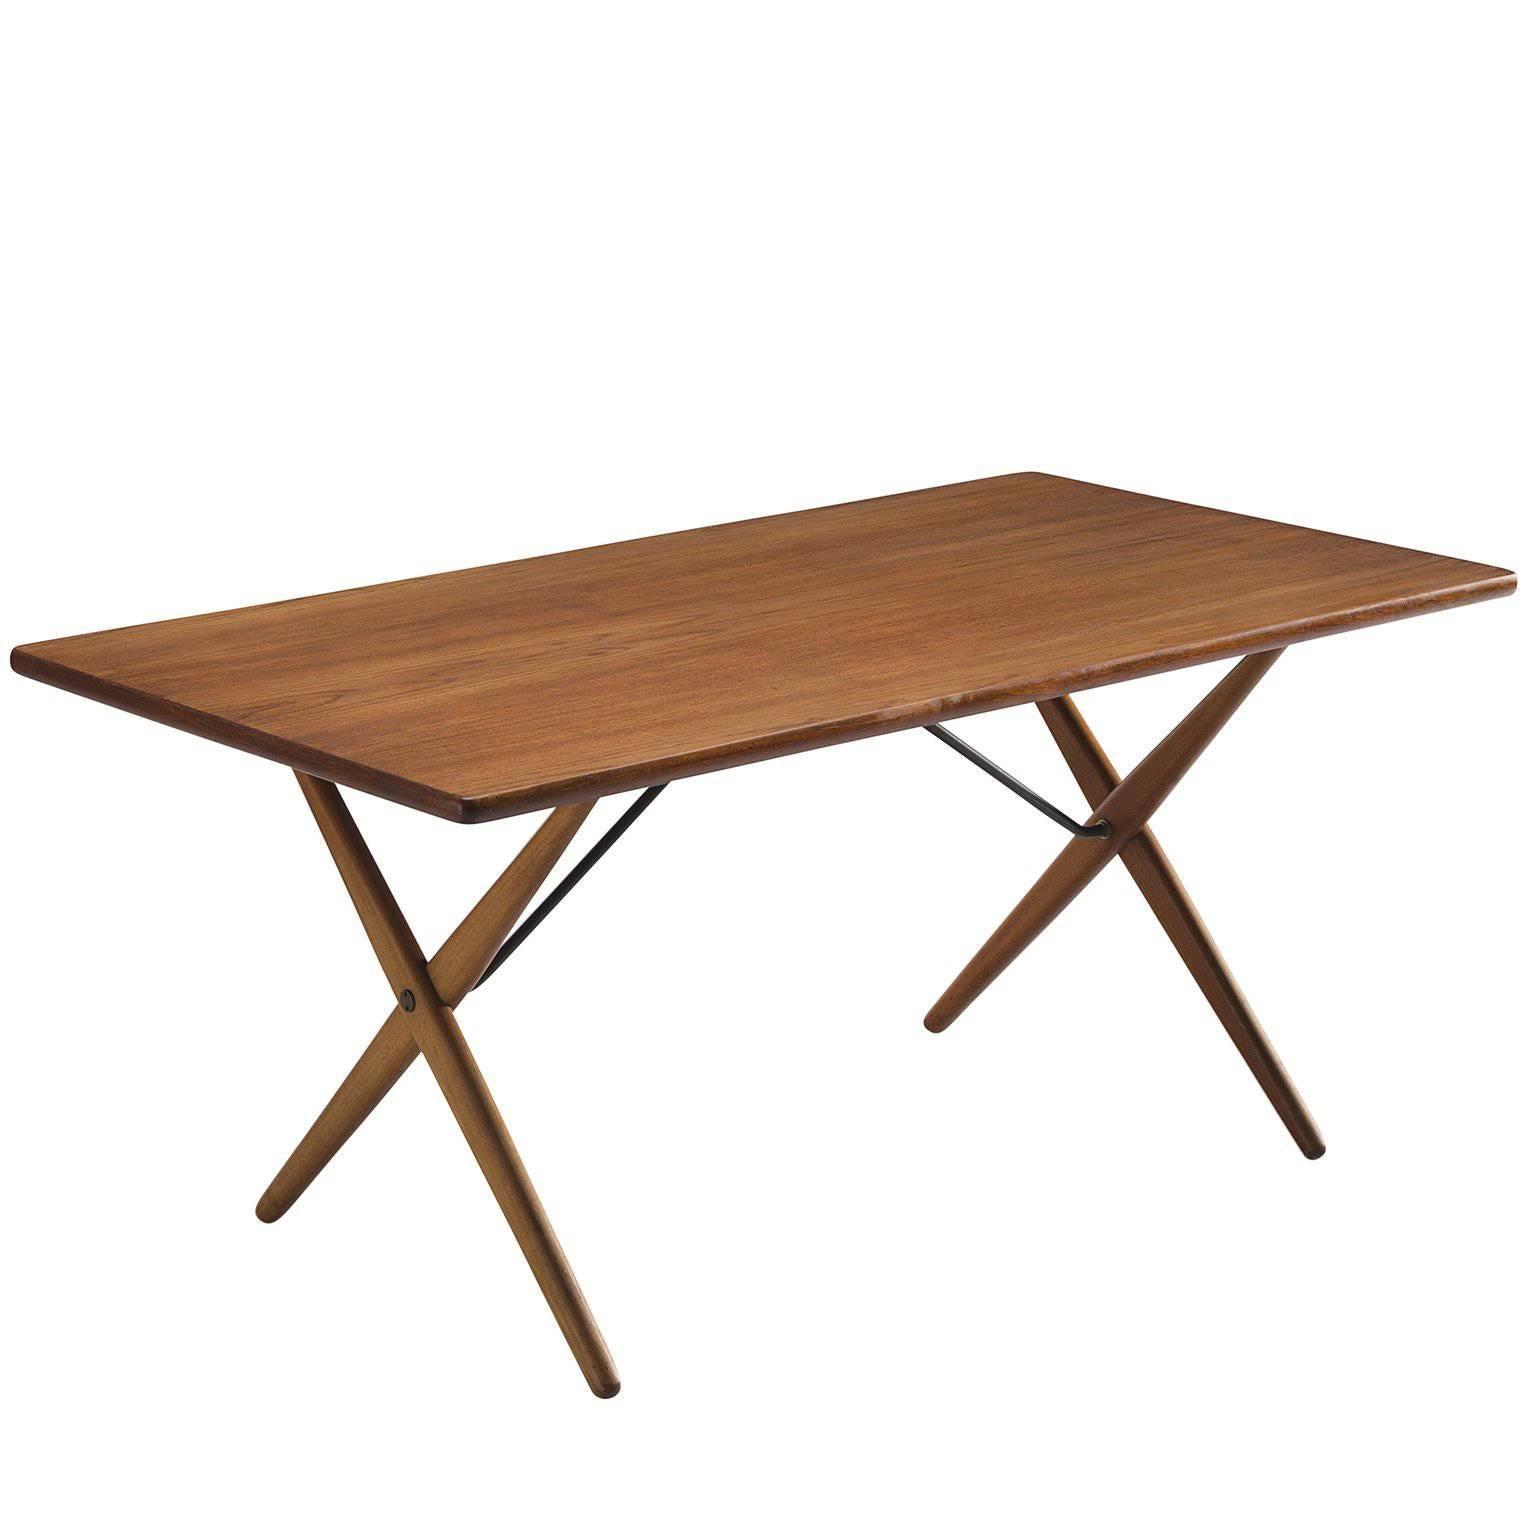 Hans Wegner Cross Leg Table In Teak, 1955 1